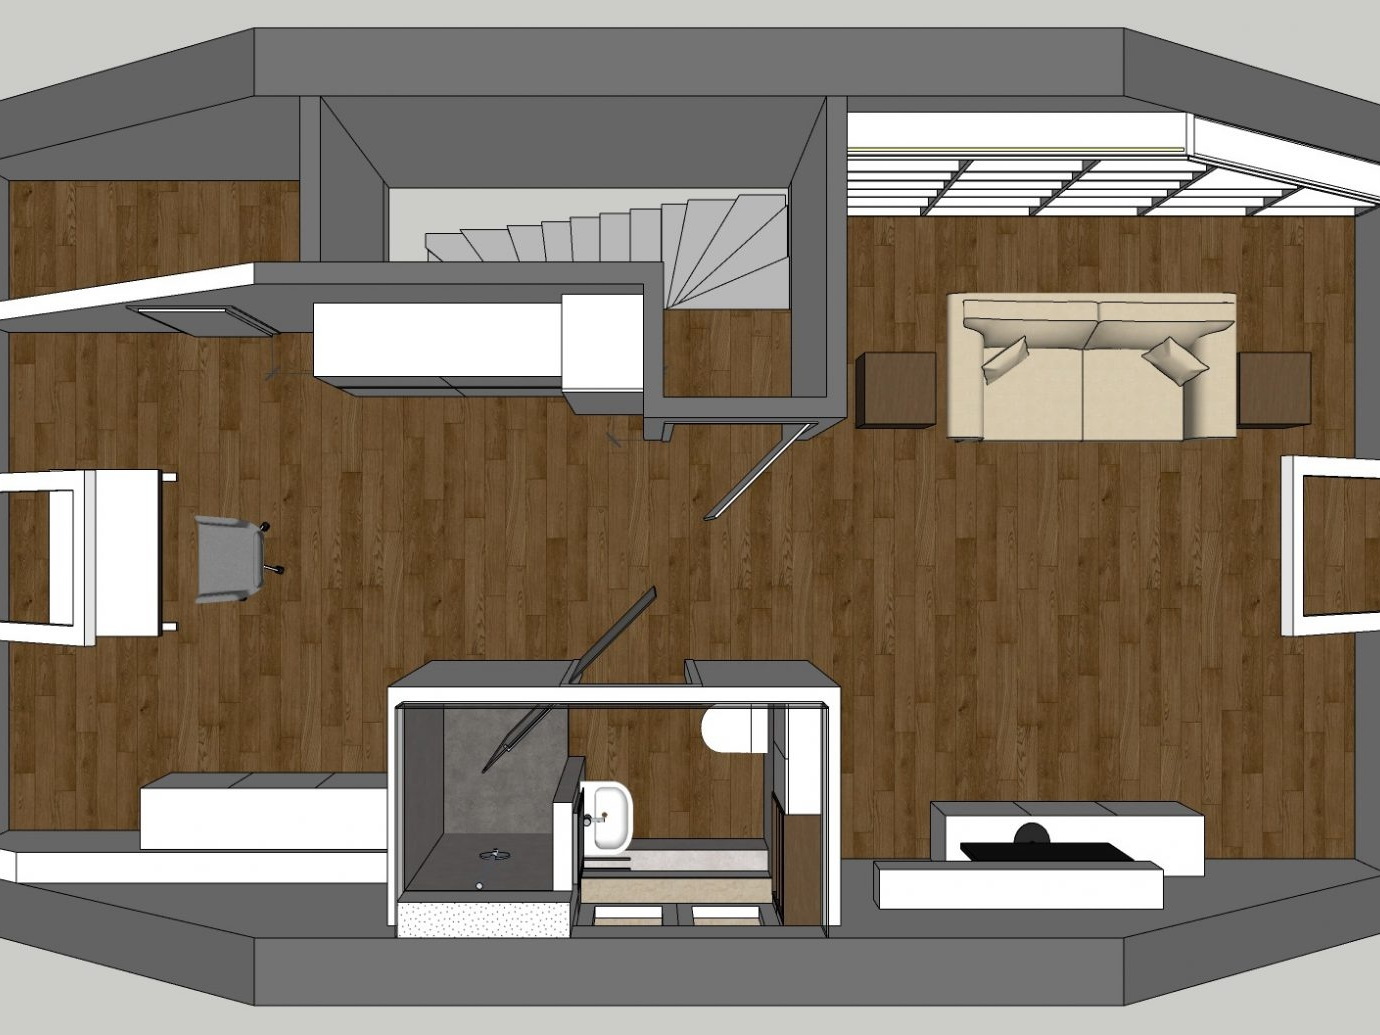 Bad-Kubus im Dachgeschoss - Visualisierung Dachgeschoss